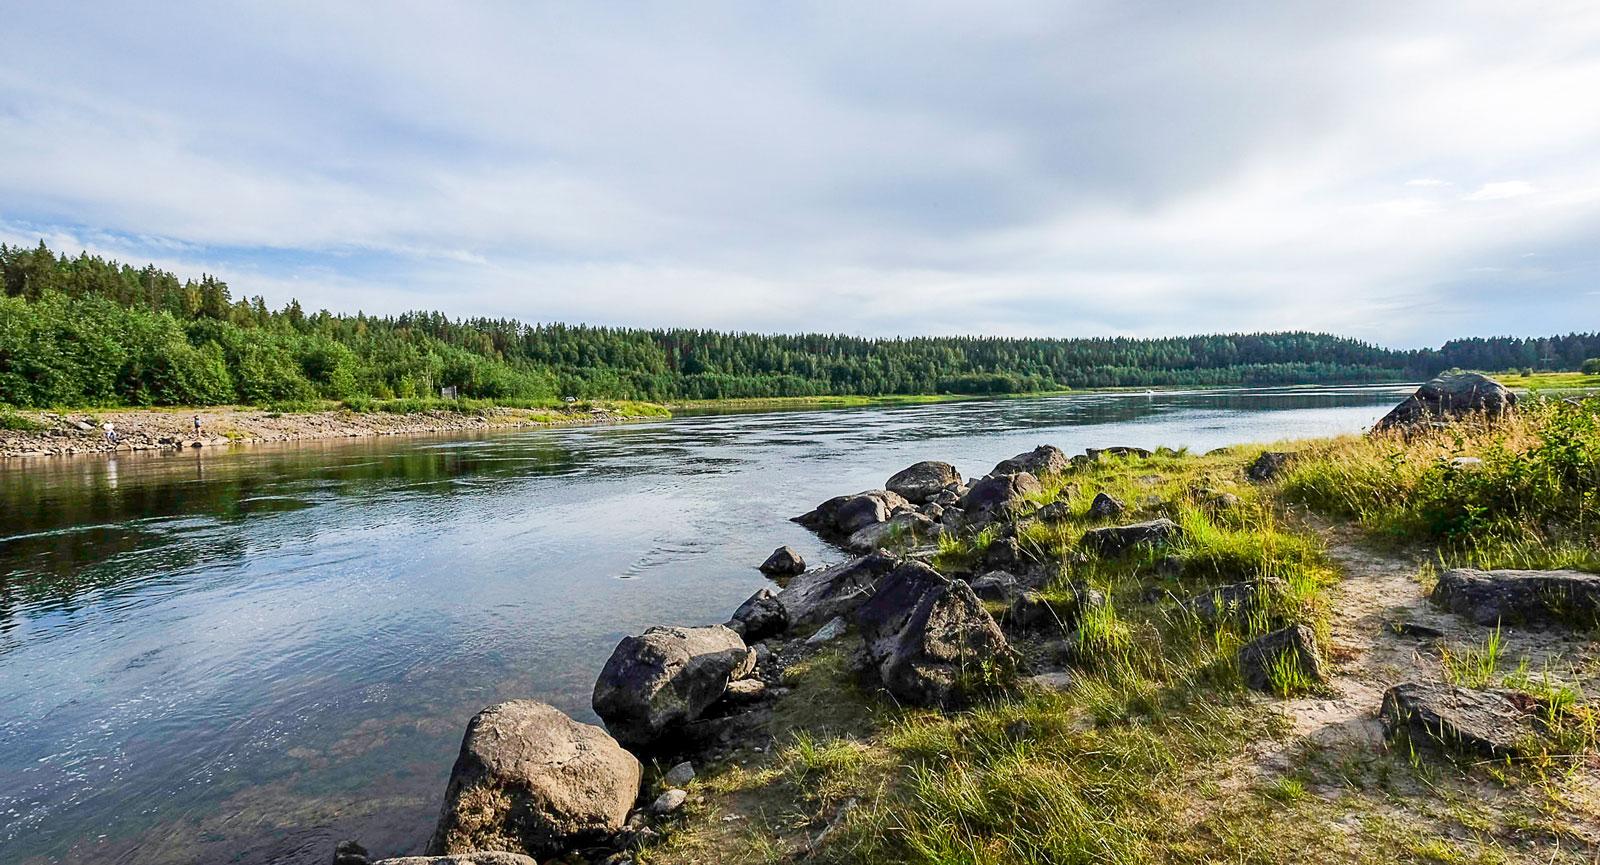 Pite älv forsar oavbrutet nedströms för att nå Bottenviken.